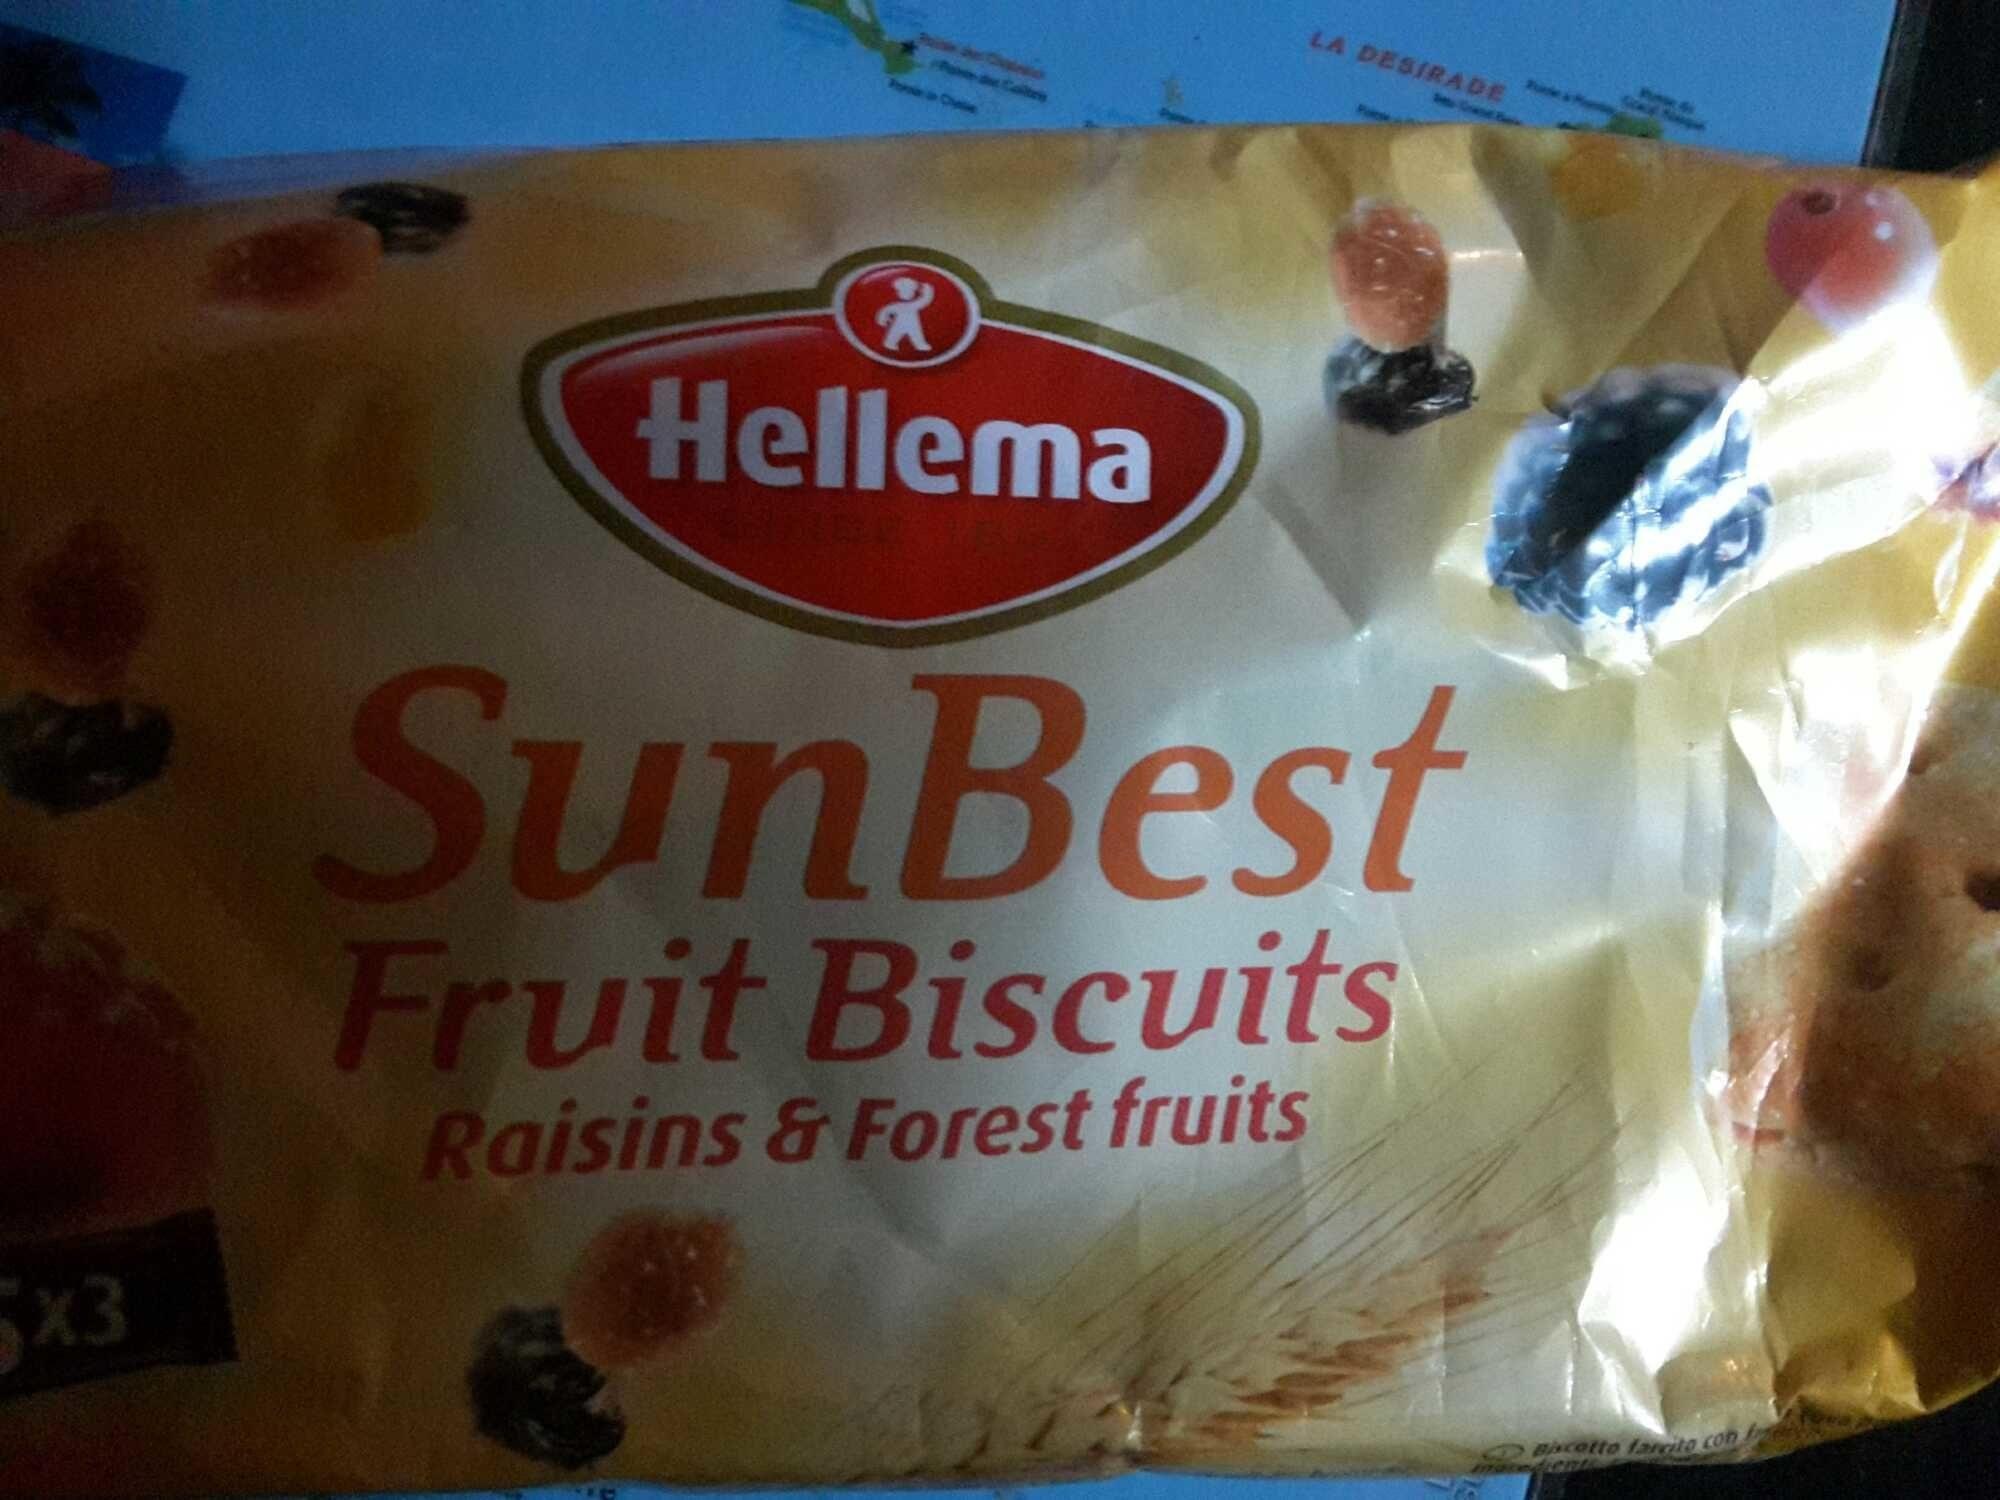 Sunbest Fruit Biscuits Raisin & Forest Fruit - Produit - fr